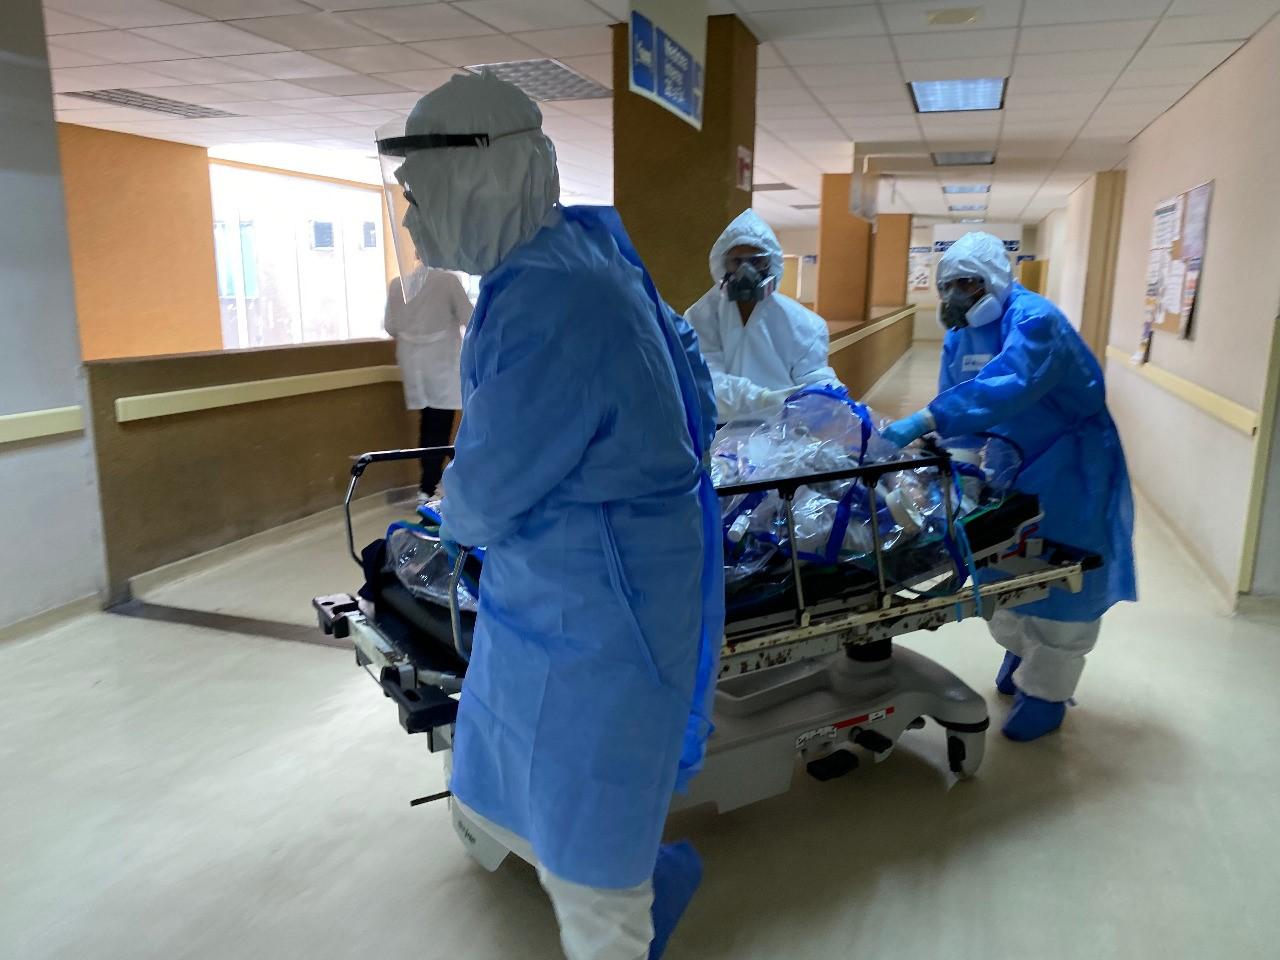 Consumo de drogas compromete la vida del paciente con Covid-19